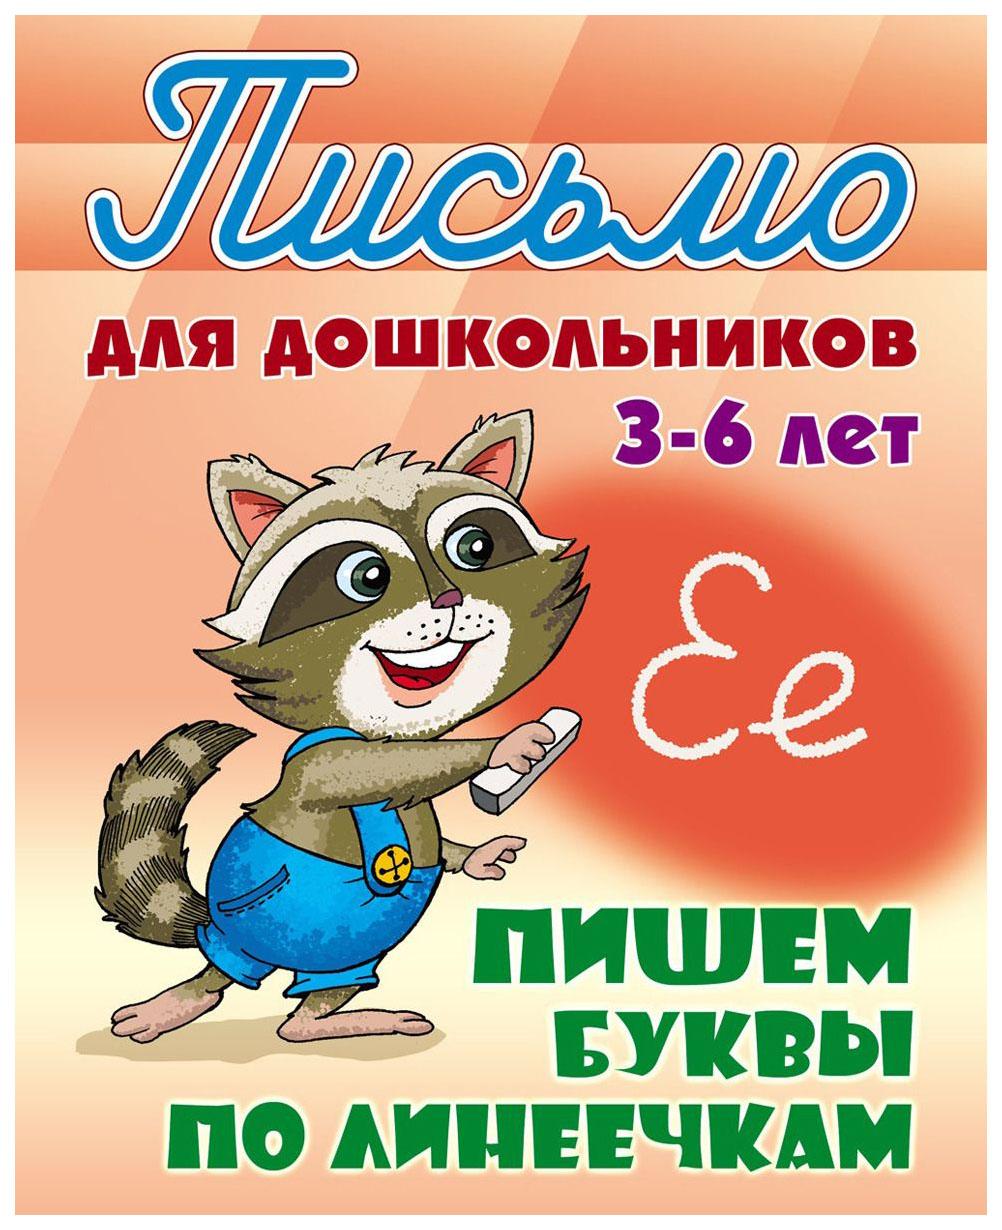 Петренко, письмо для Дошкольников, 3-6 лет, пишем Буквы по линеечкам